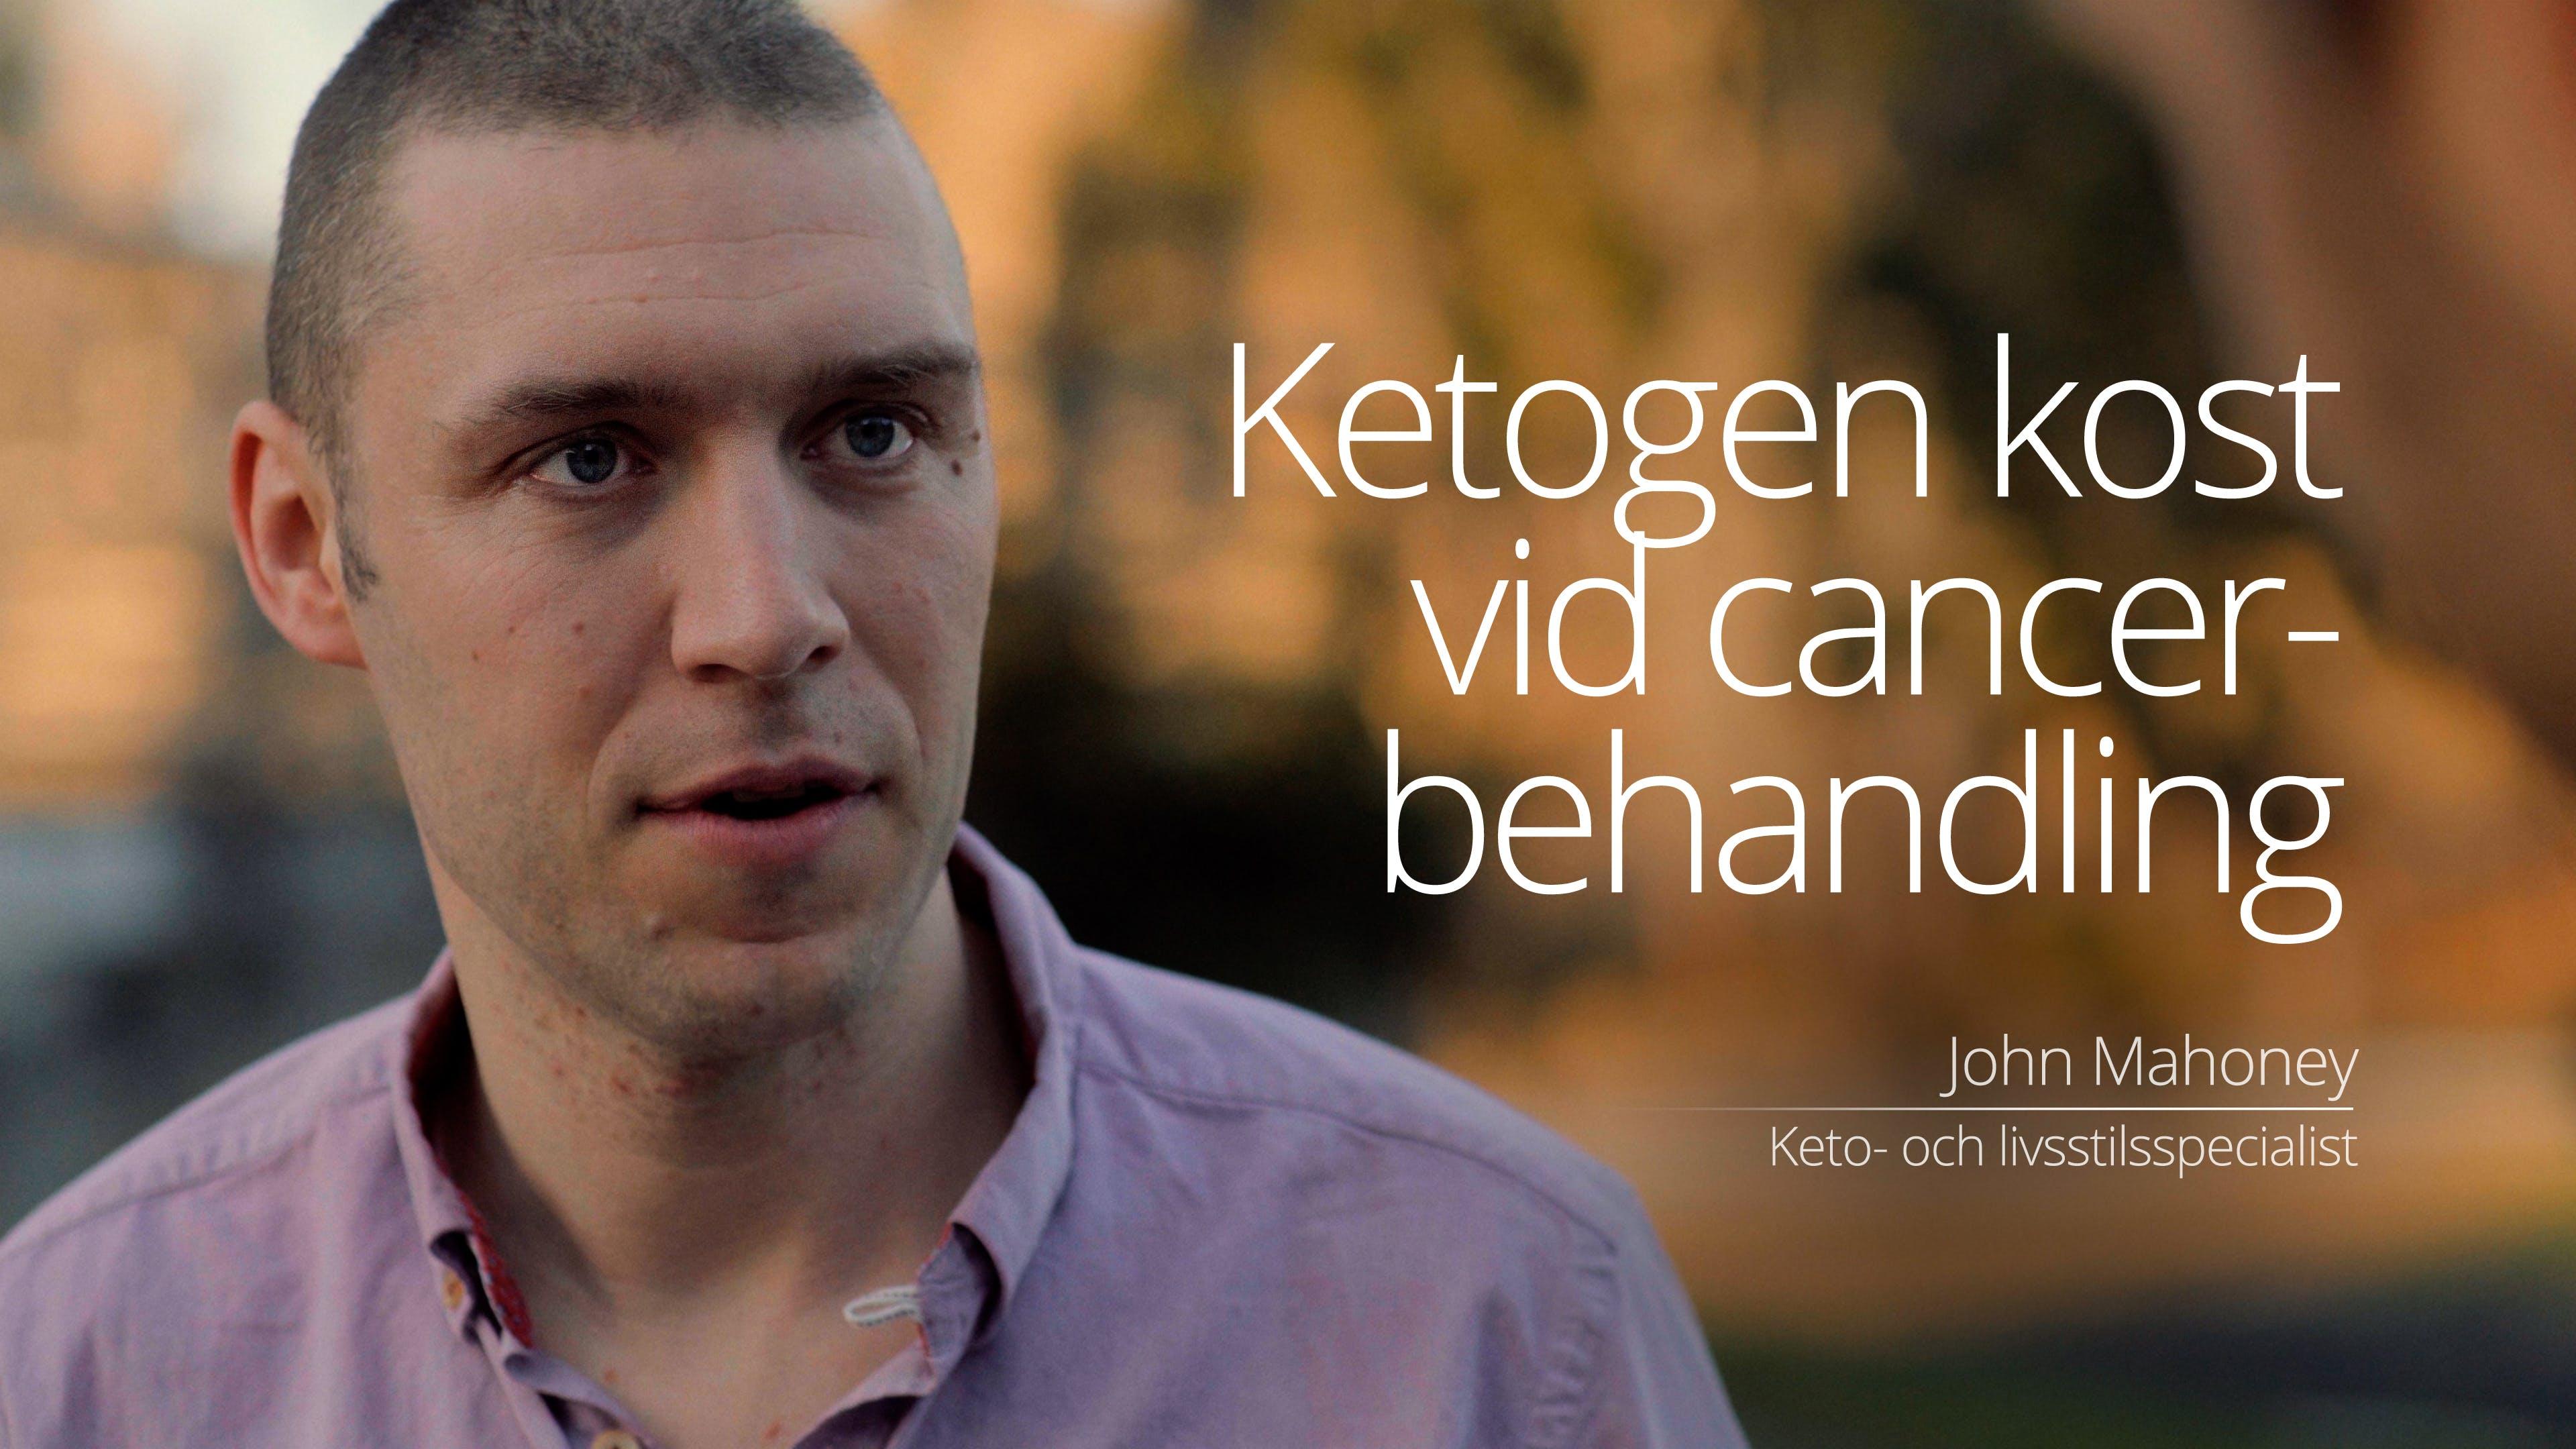 Ketogen kost vid cancerbehandling